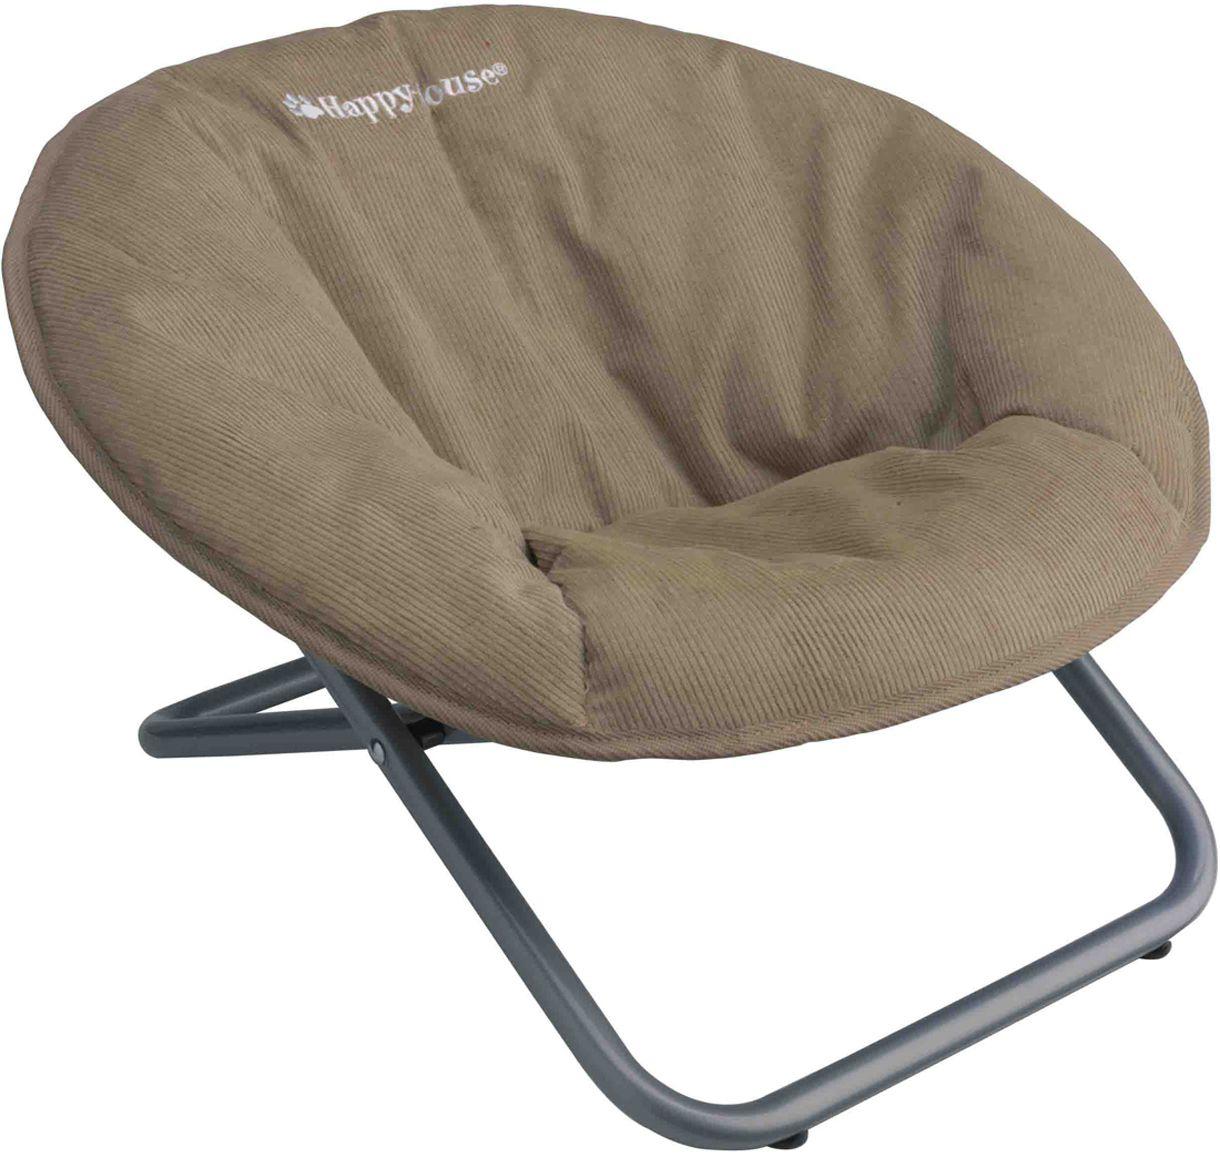 Стул для животных Happy House New Classic, цвет: бежевый, 55 х 51 х 36 см0120710Стул для животных Happy House New Classic - прекрасный большой стул для кошки или собаки. Стул имеет металлический каркас и сиденье, выполненное из мягкого вельвета с наполнителем из полиэстера. Сиденье легко снимается с каркаса. Его можно стирать при температуре 30°С. Максимальная вместимость стула - 15 кг.На таком стуле вашему любимцу будет мягко и тепло. Он подарит вашему питомцу ощущение уюта и уединенности.